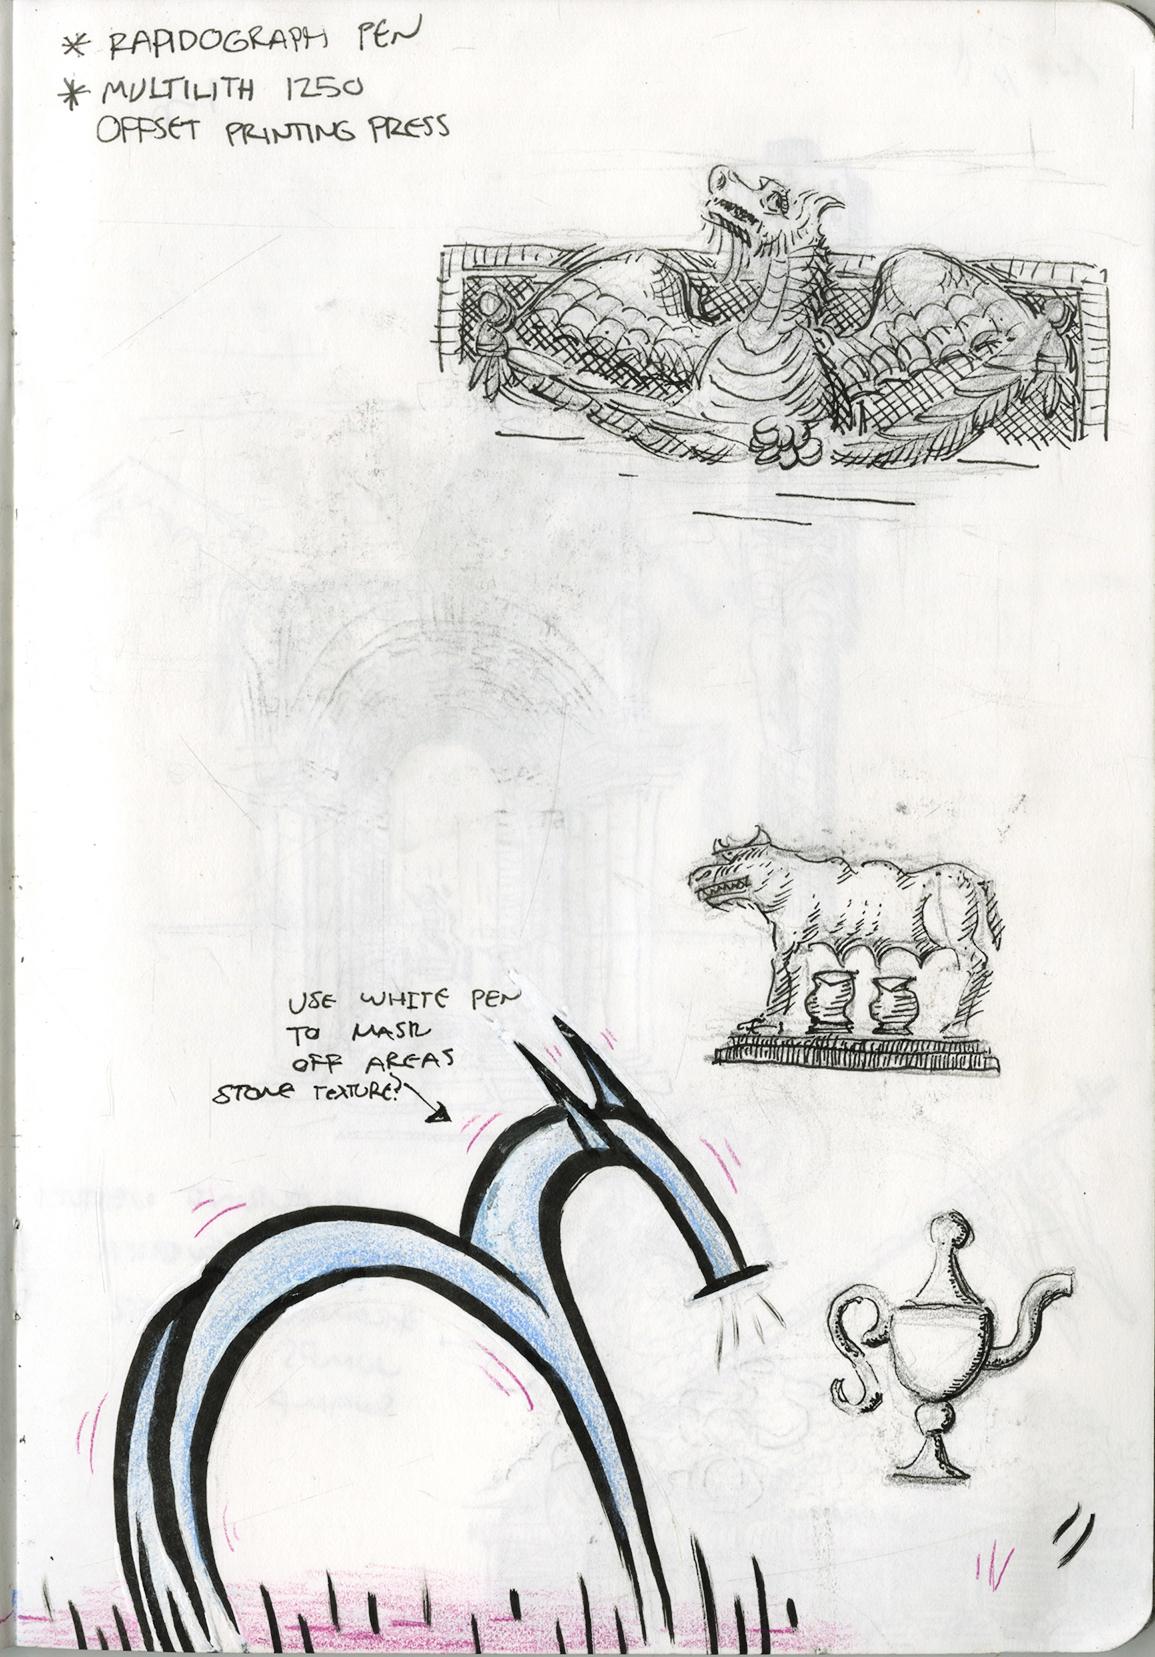 new_floppy_sketchbook_2_edits_35.jpg